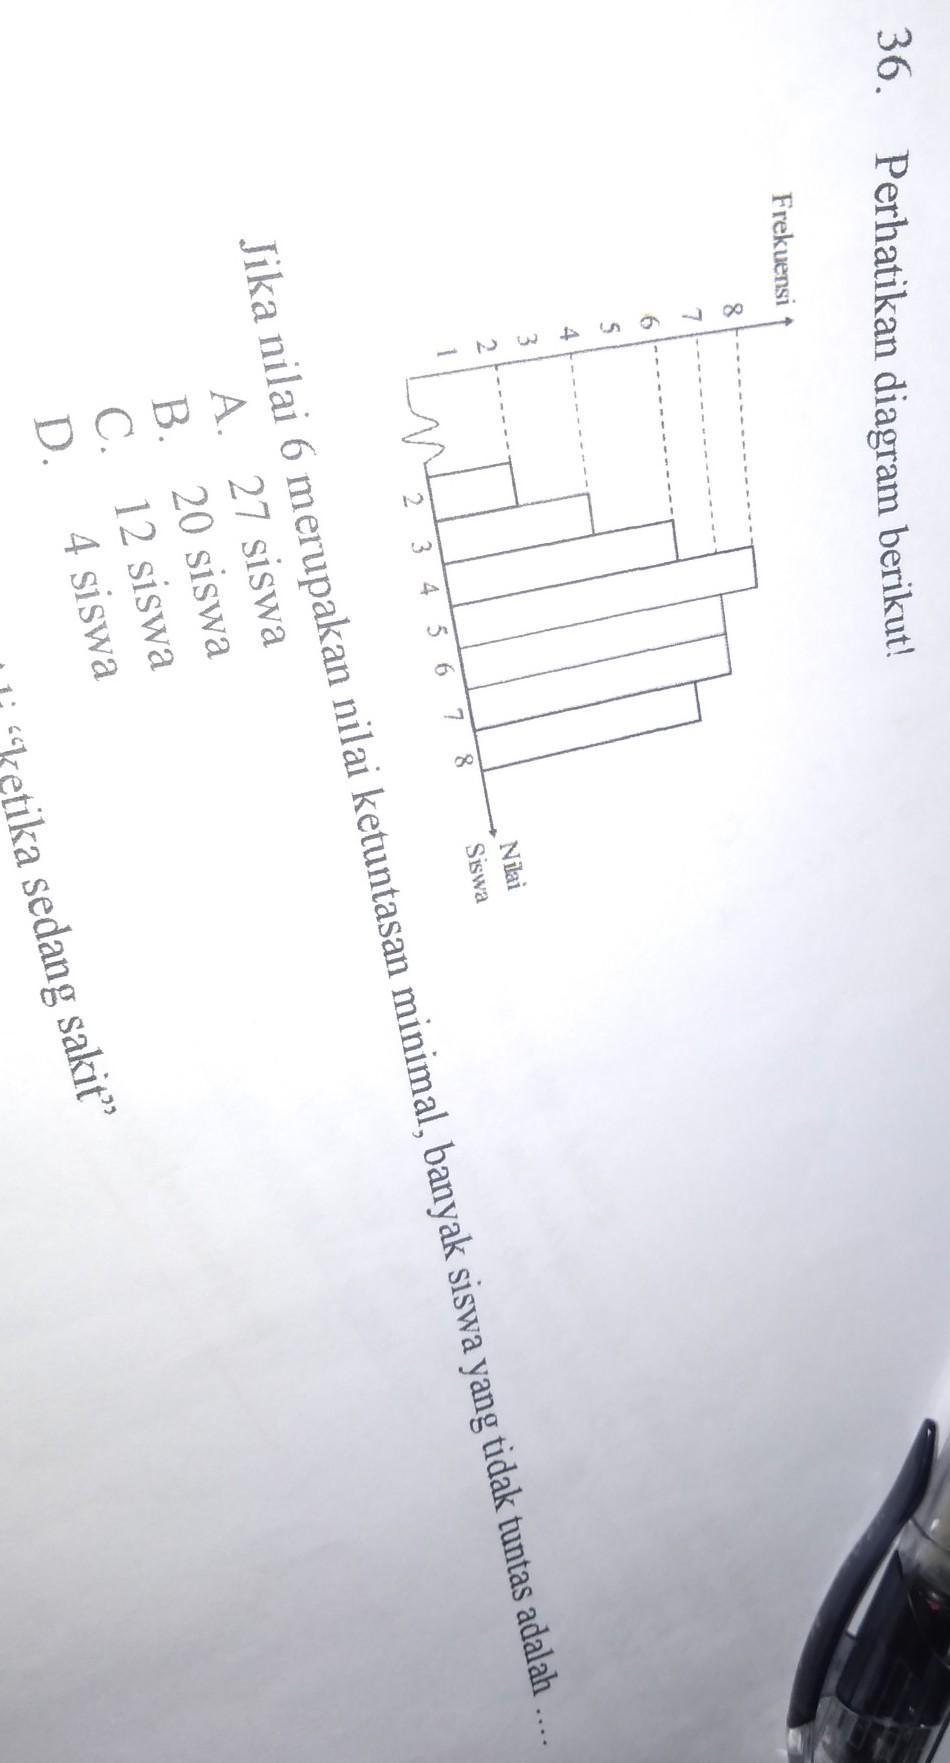 Contoh Soal Diagram Batang Beserta Jawabannya : contoh, diagram, batang, beserta, jawabannya, Contoh, Matematika, Tentang, Diagram, Garis,batang,dan, Lingkarancepat, Brainly.co.id